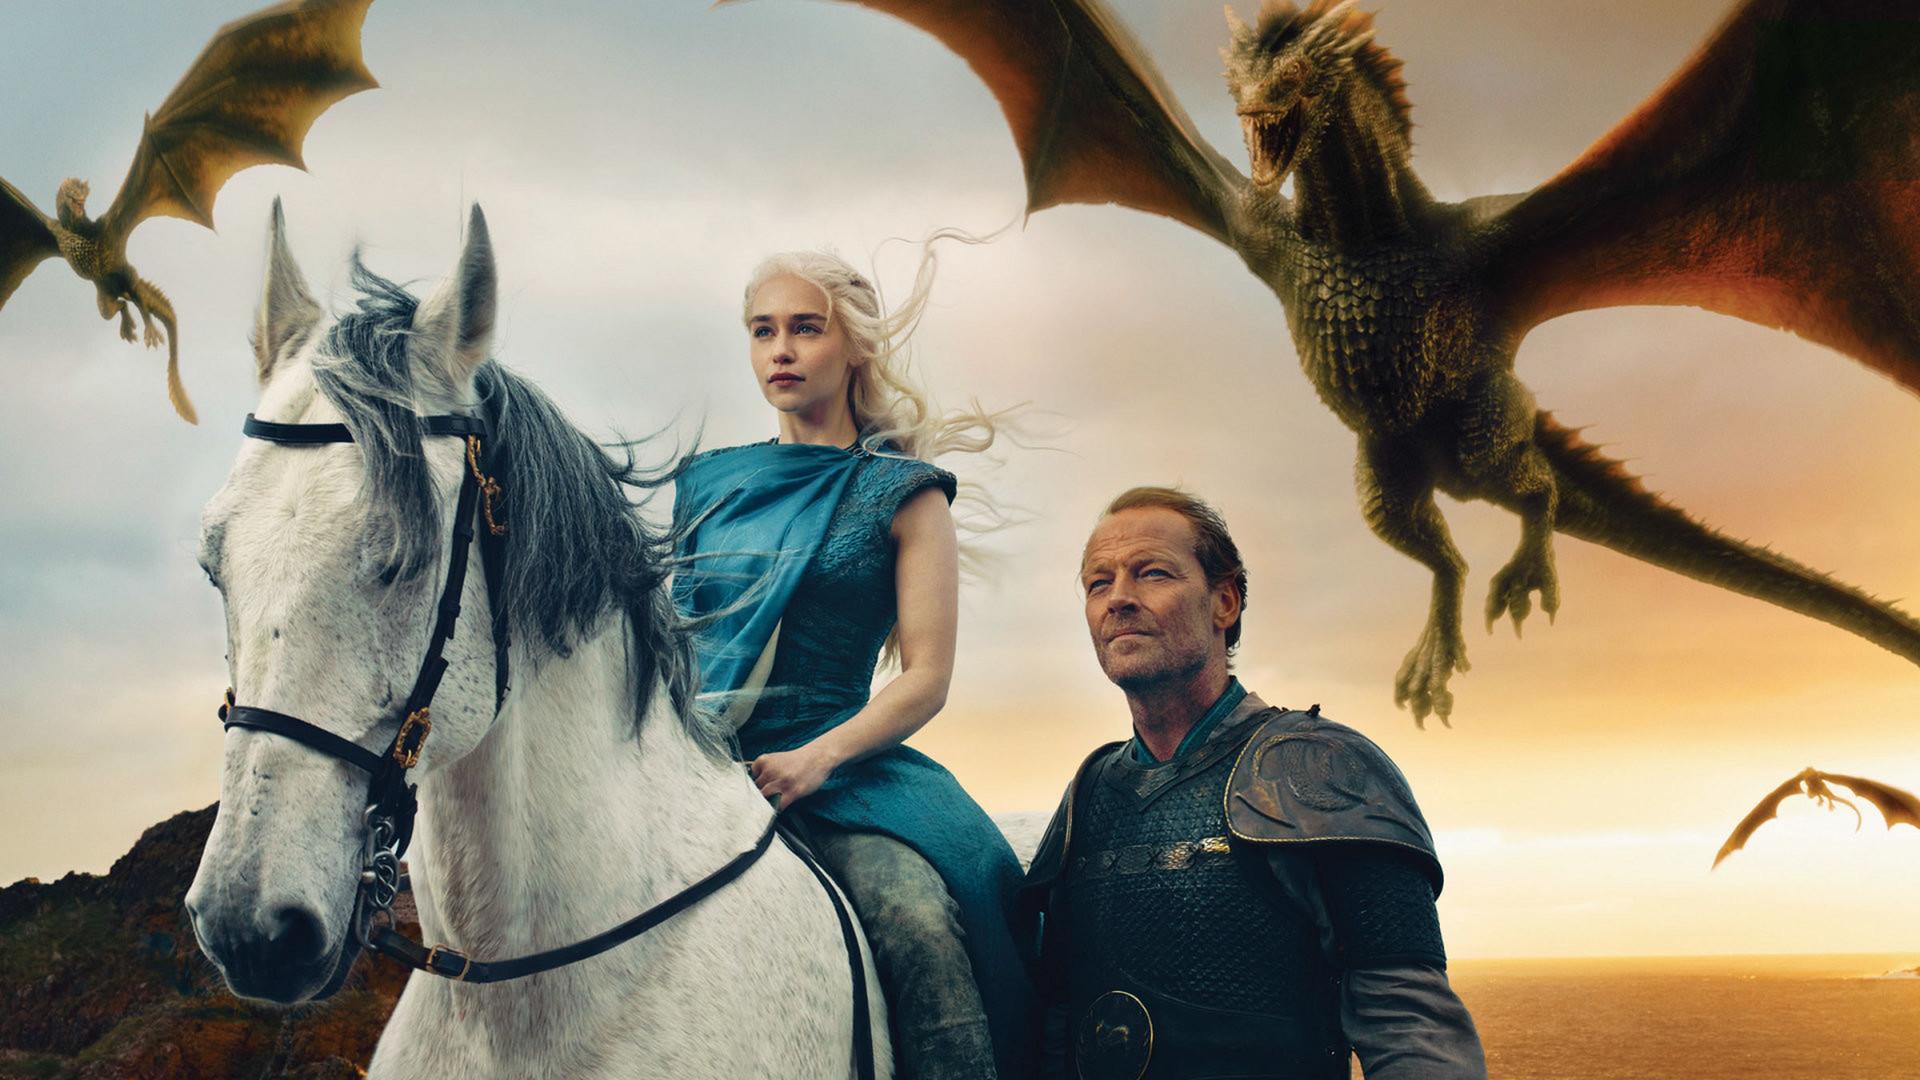 Game of Thrones | HBO divulga vídeo dos bastidores